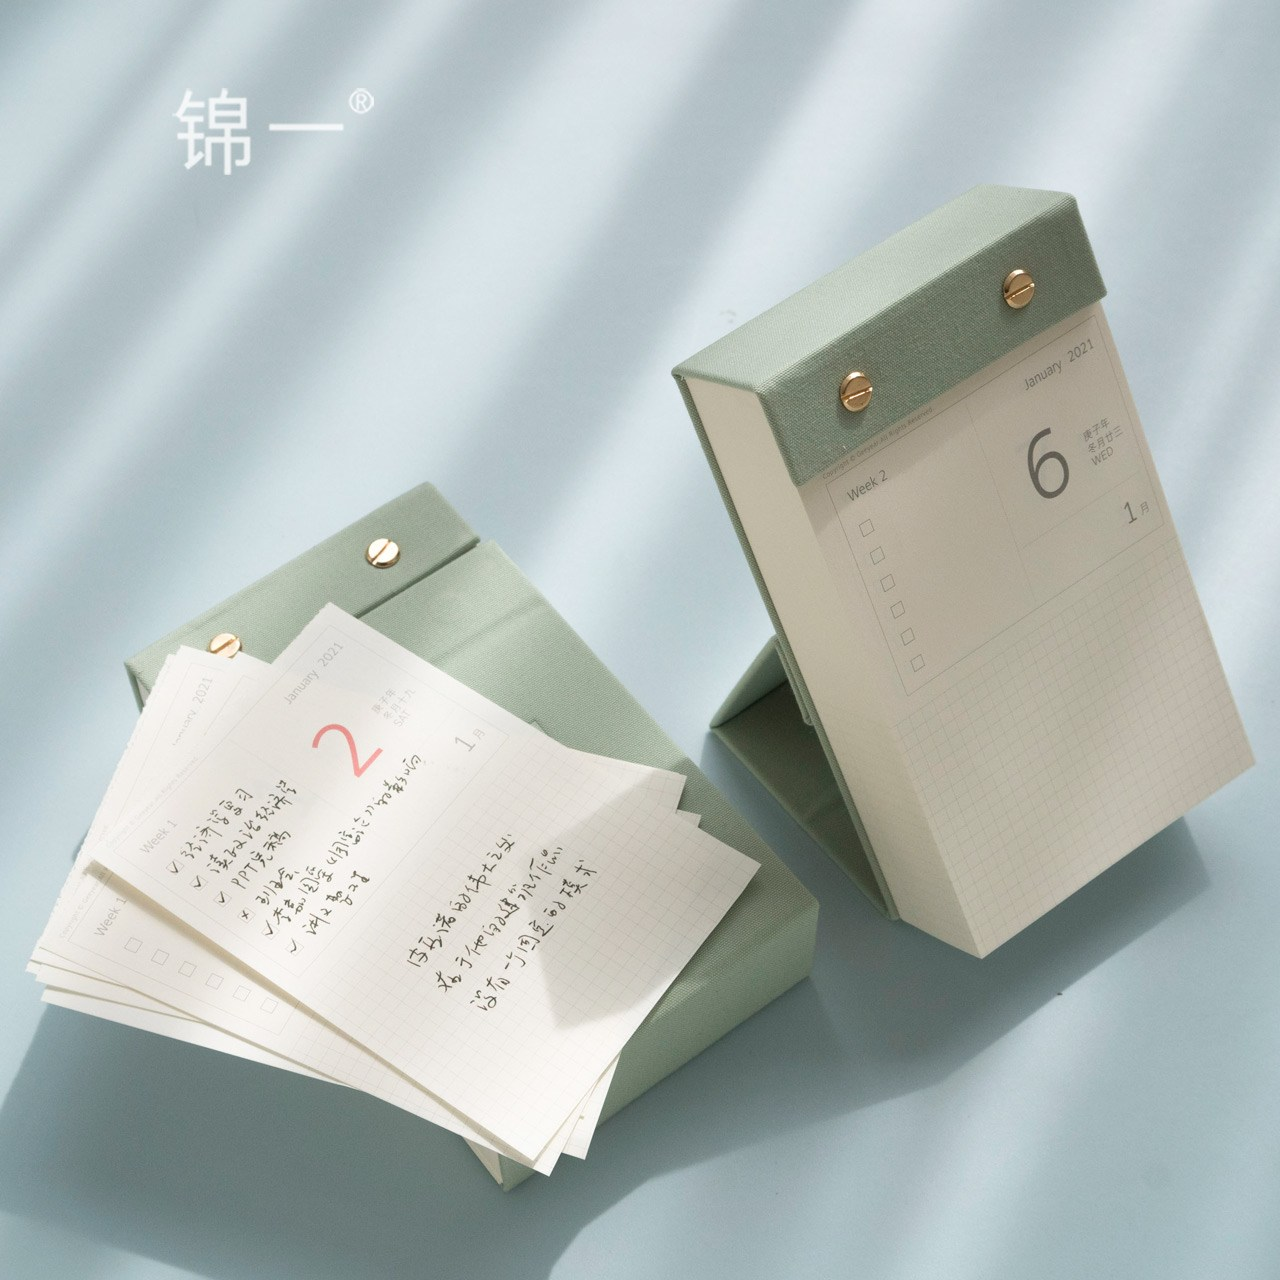 [GMJM] 2021일력 2021년일력 탁상 찢는달력 메모 일력 2-Color 항공배송, 그린